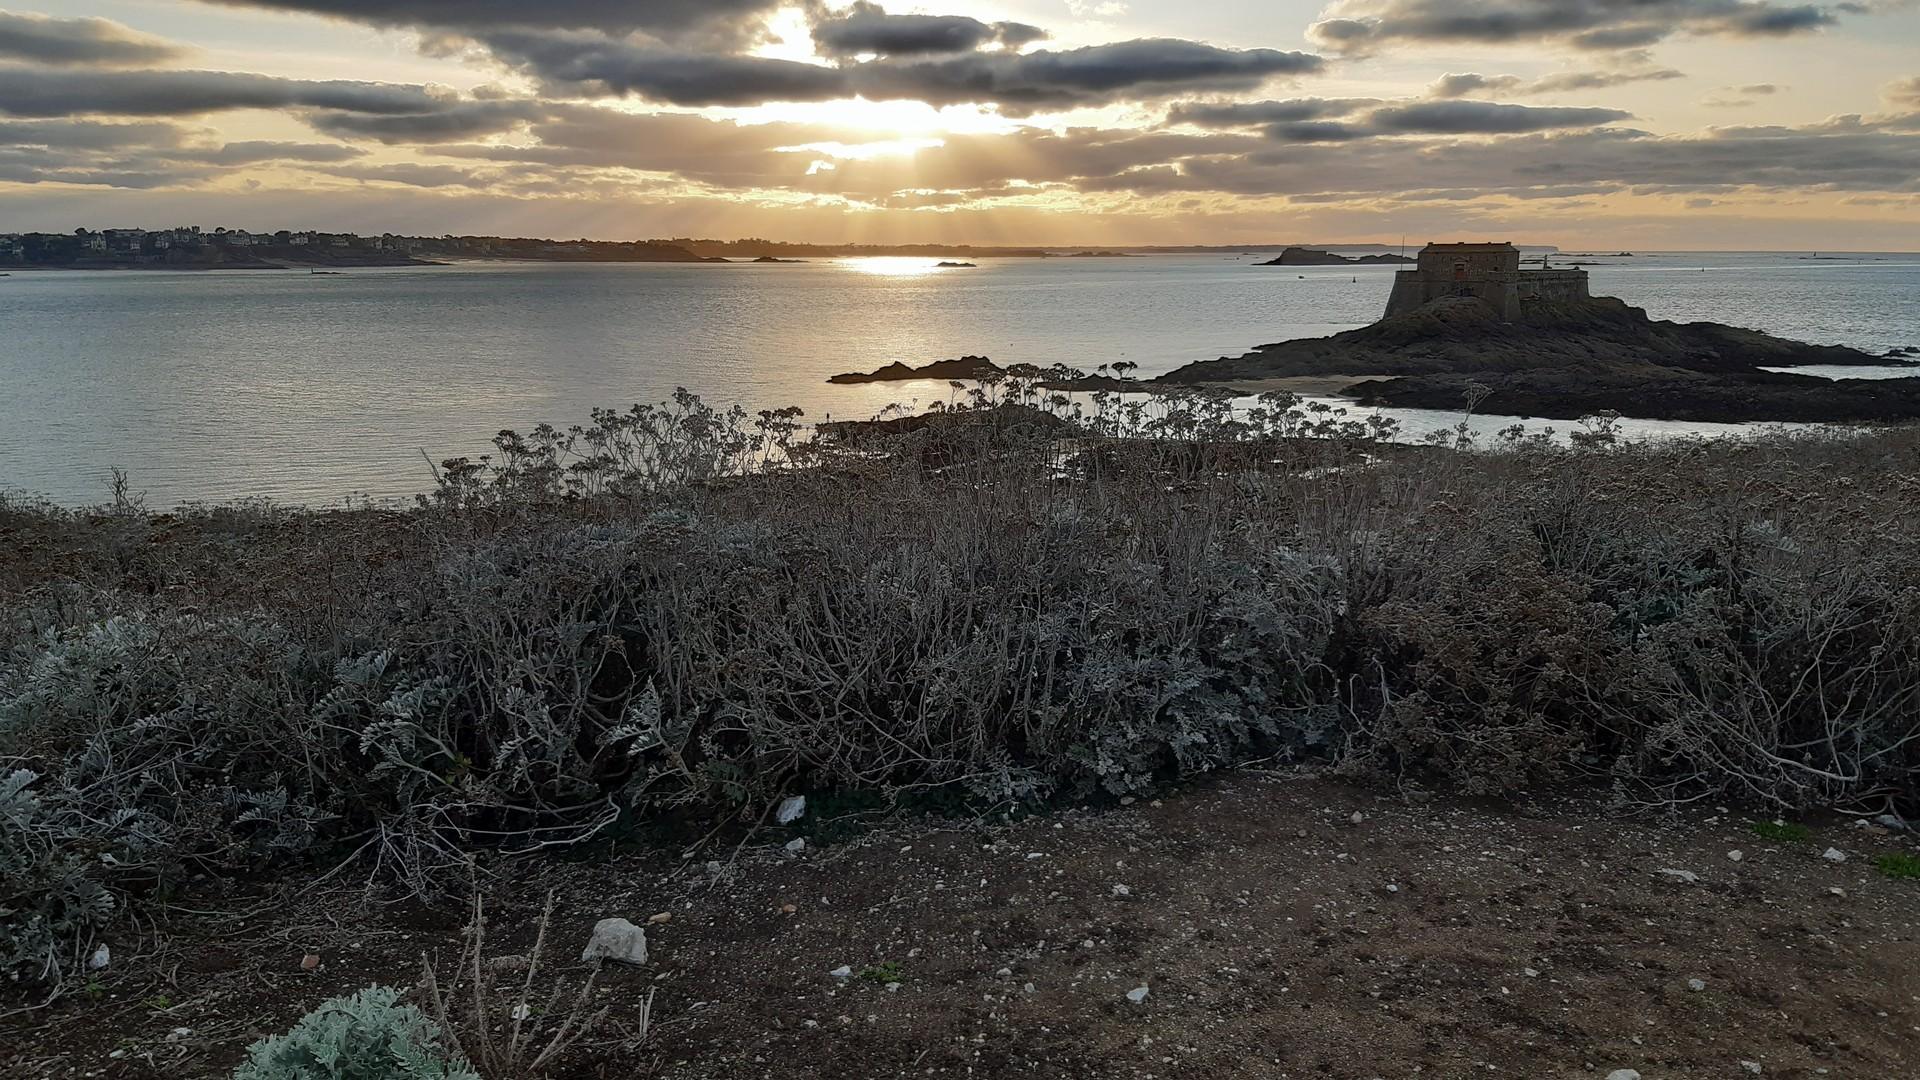 Sonnenuntergang über einer Insel am Atlantik